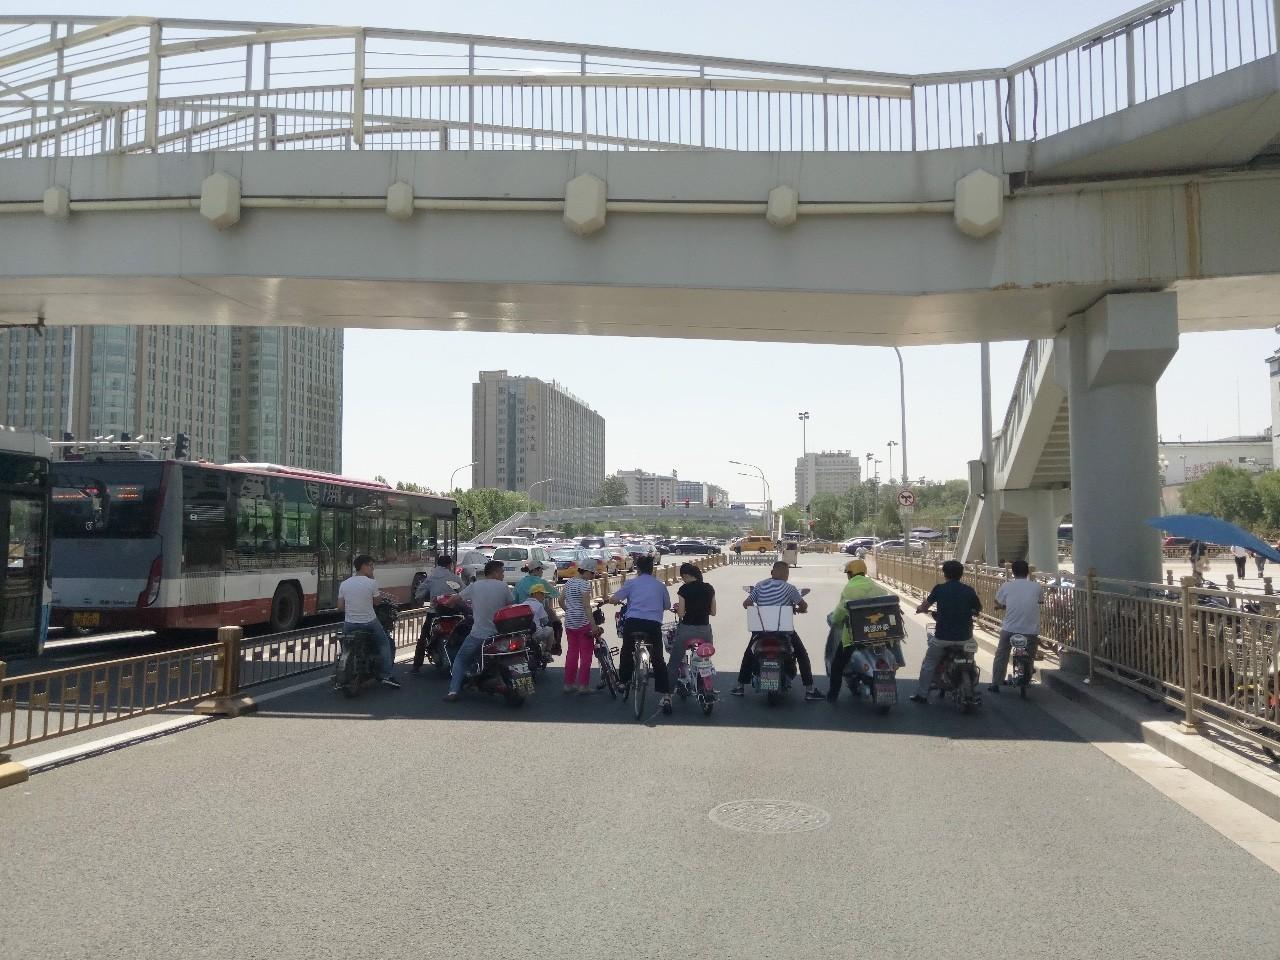 高温黄色预警下的北京 他们却顾不得打湿双眼的汗水